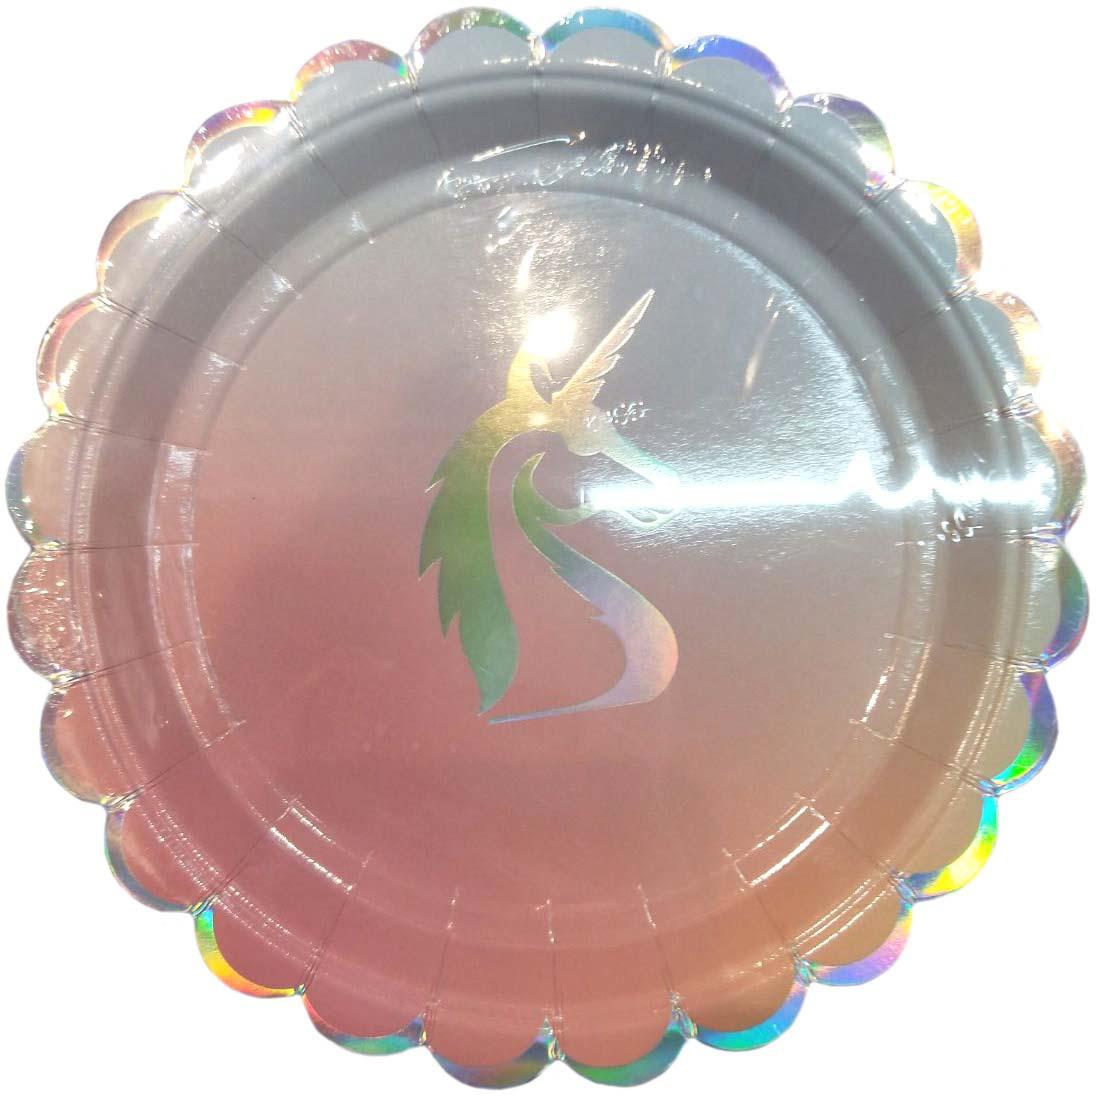 Тарелка с Единорогом из ламинированного картона, диаметр 23 см, 6 шт в наборе / 1,8x23x23см арт.79286